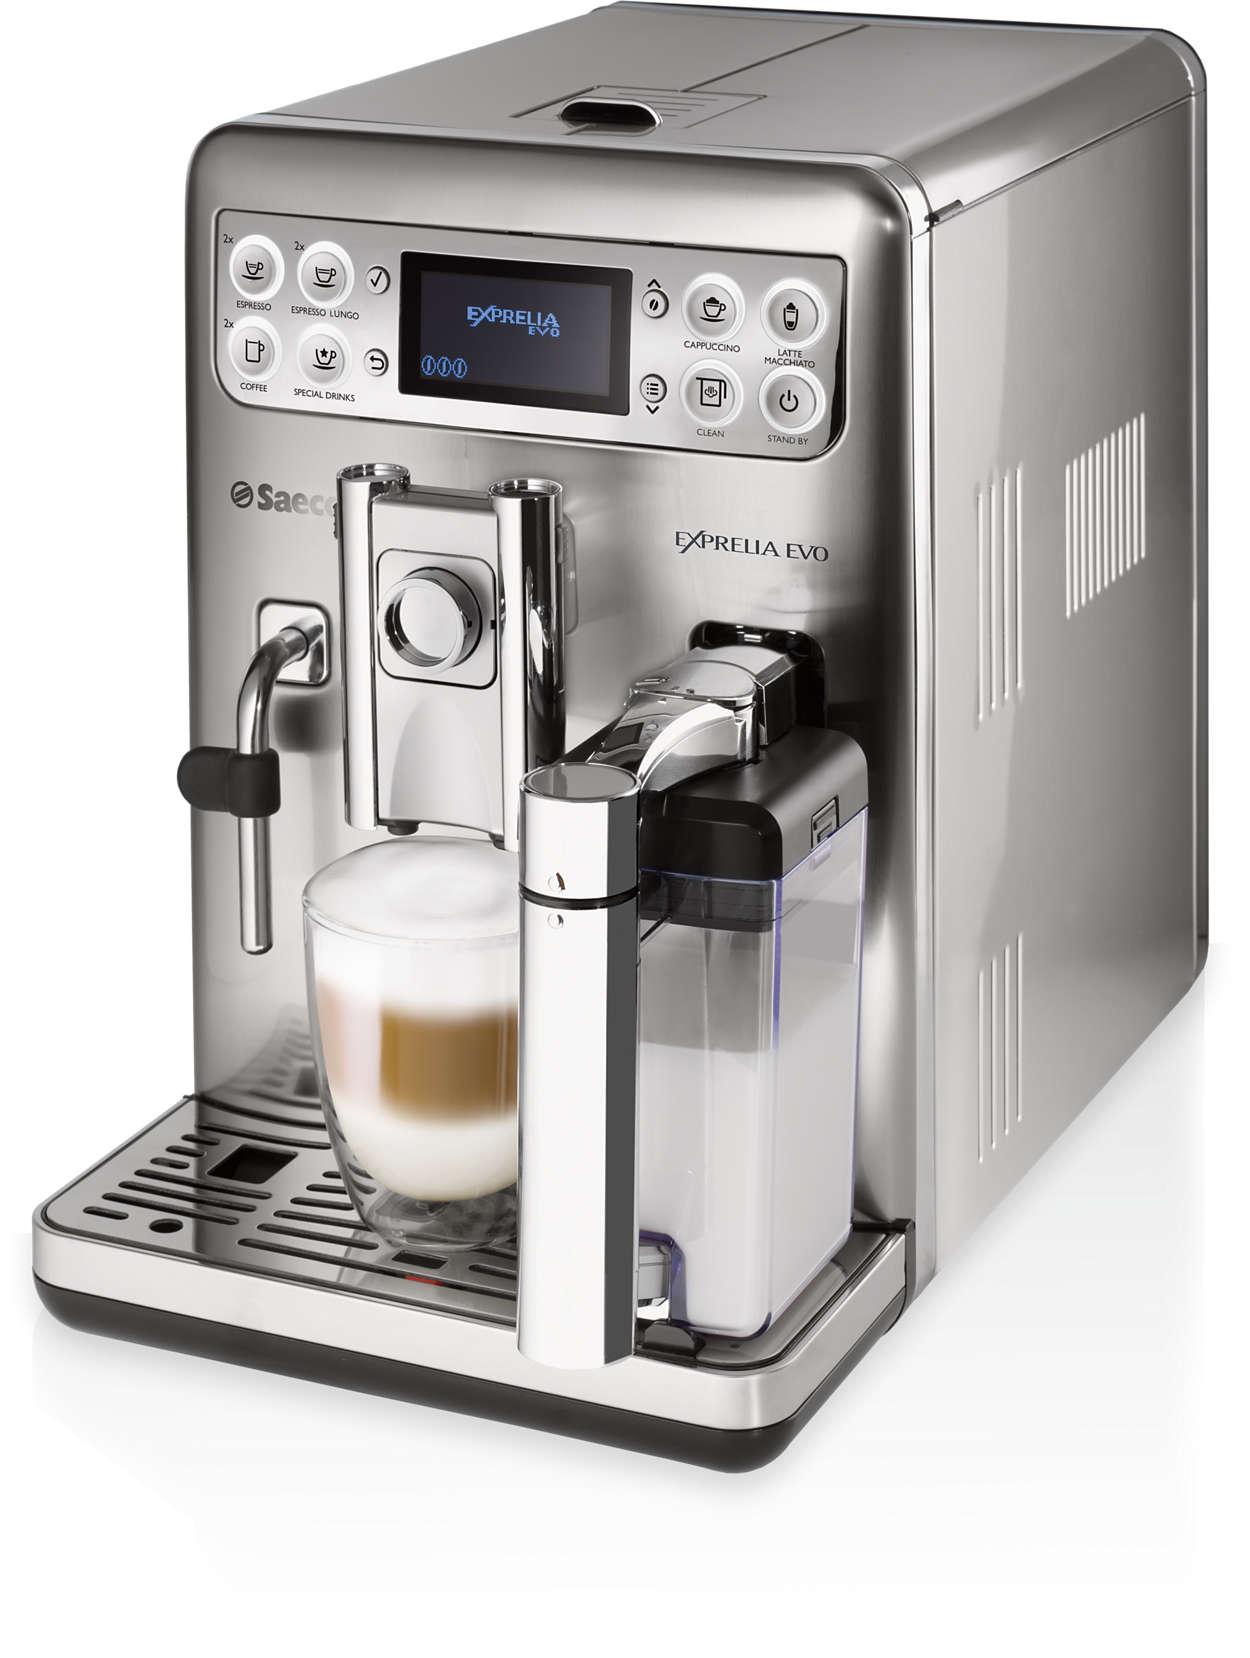 Tökéletes kávé, pontosan az Ön ízlésére szabva